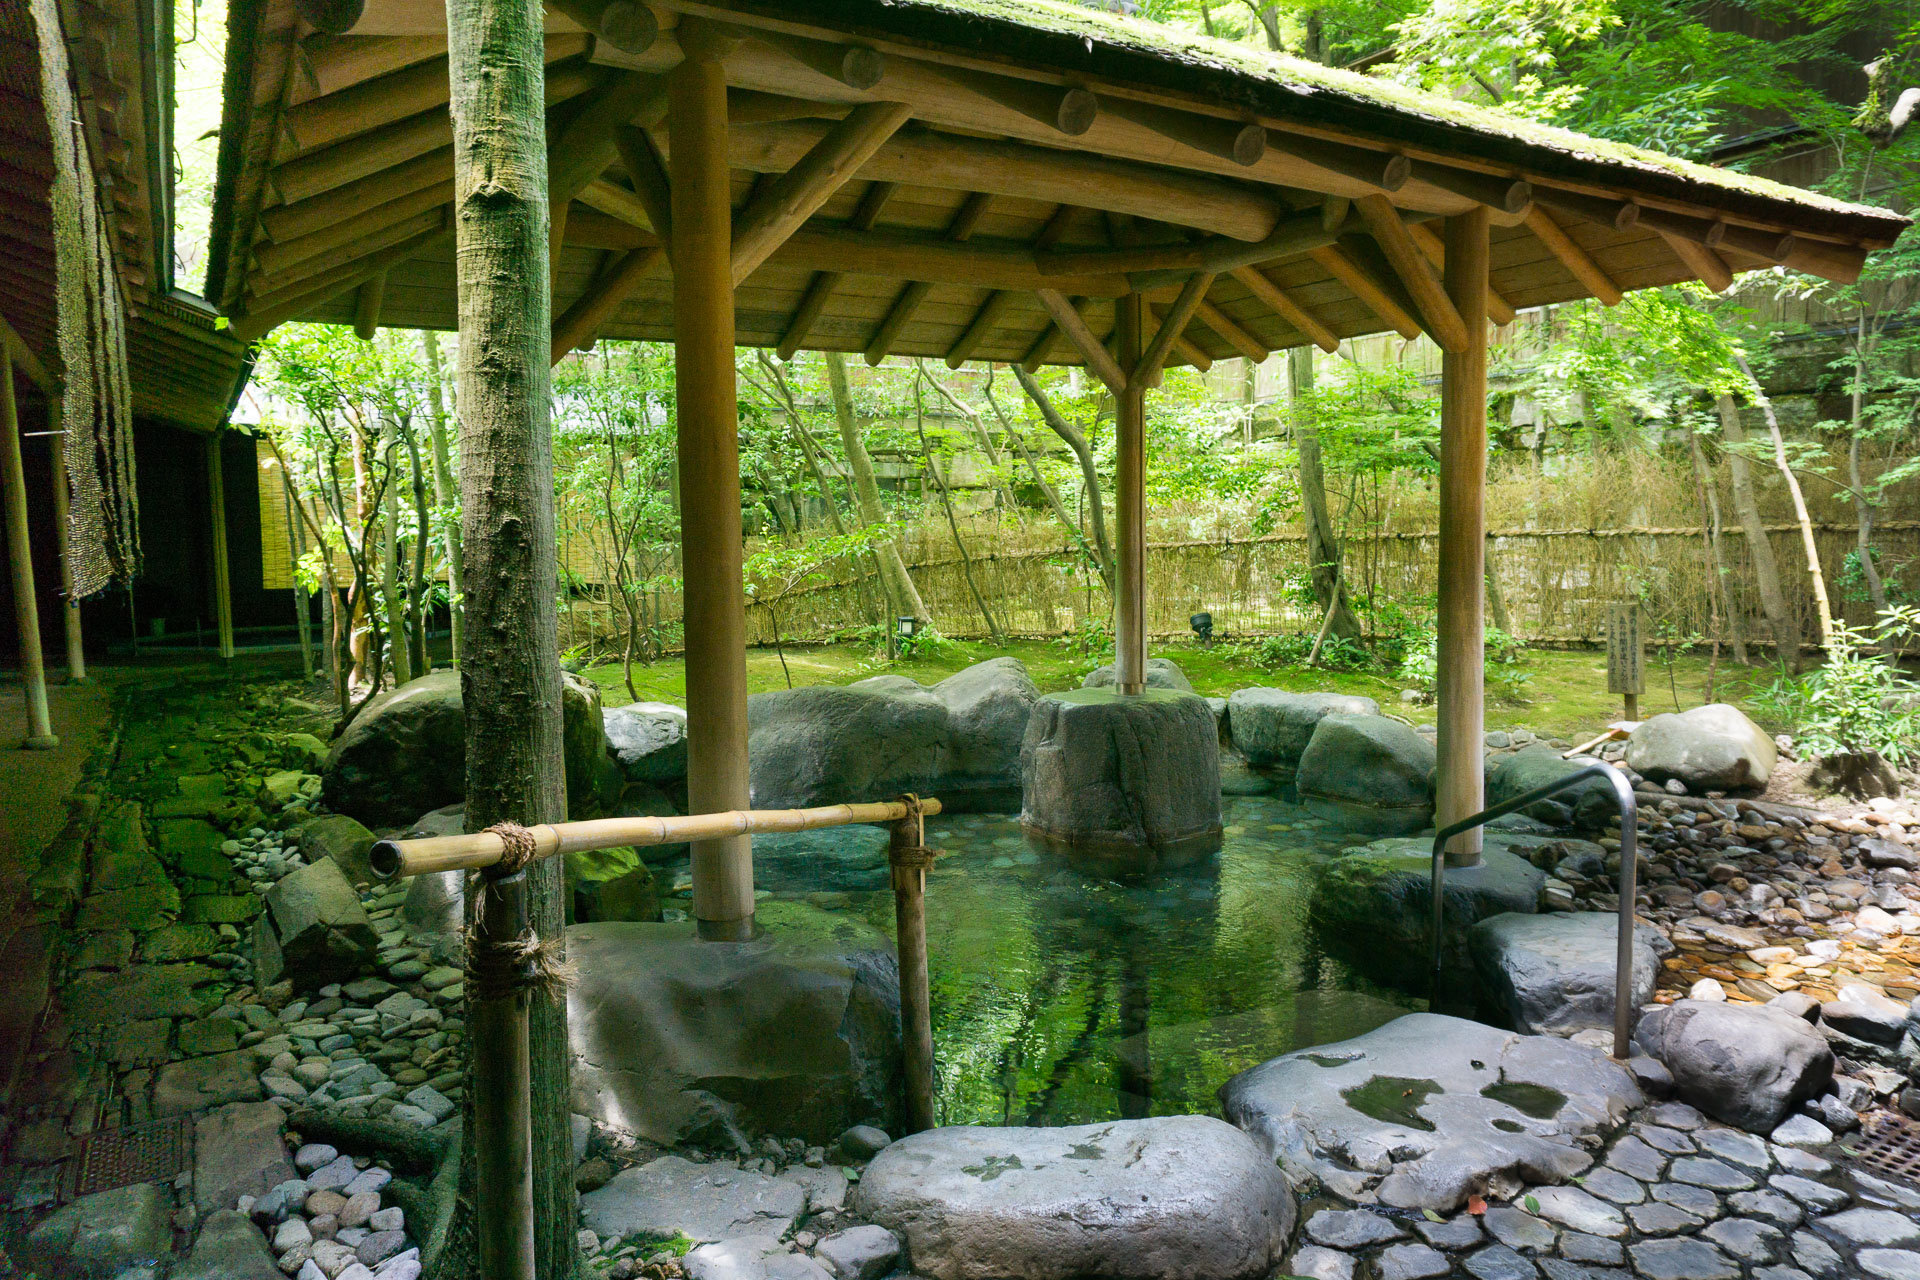 Outdoor Public Onsen Hot Spring - Nishimuraya Hotel Shogetsutei Kinosaki Onsen Ryokan- Kinosaki Onsen, Japan